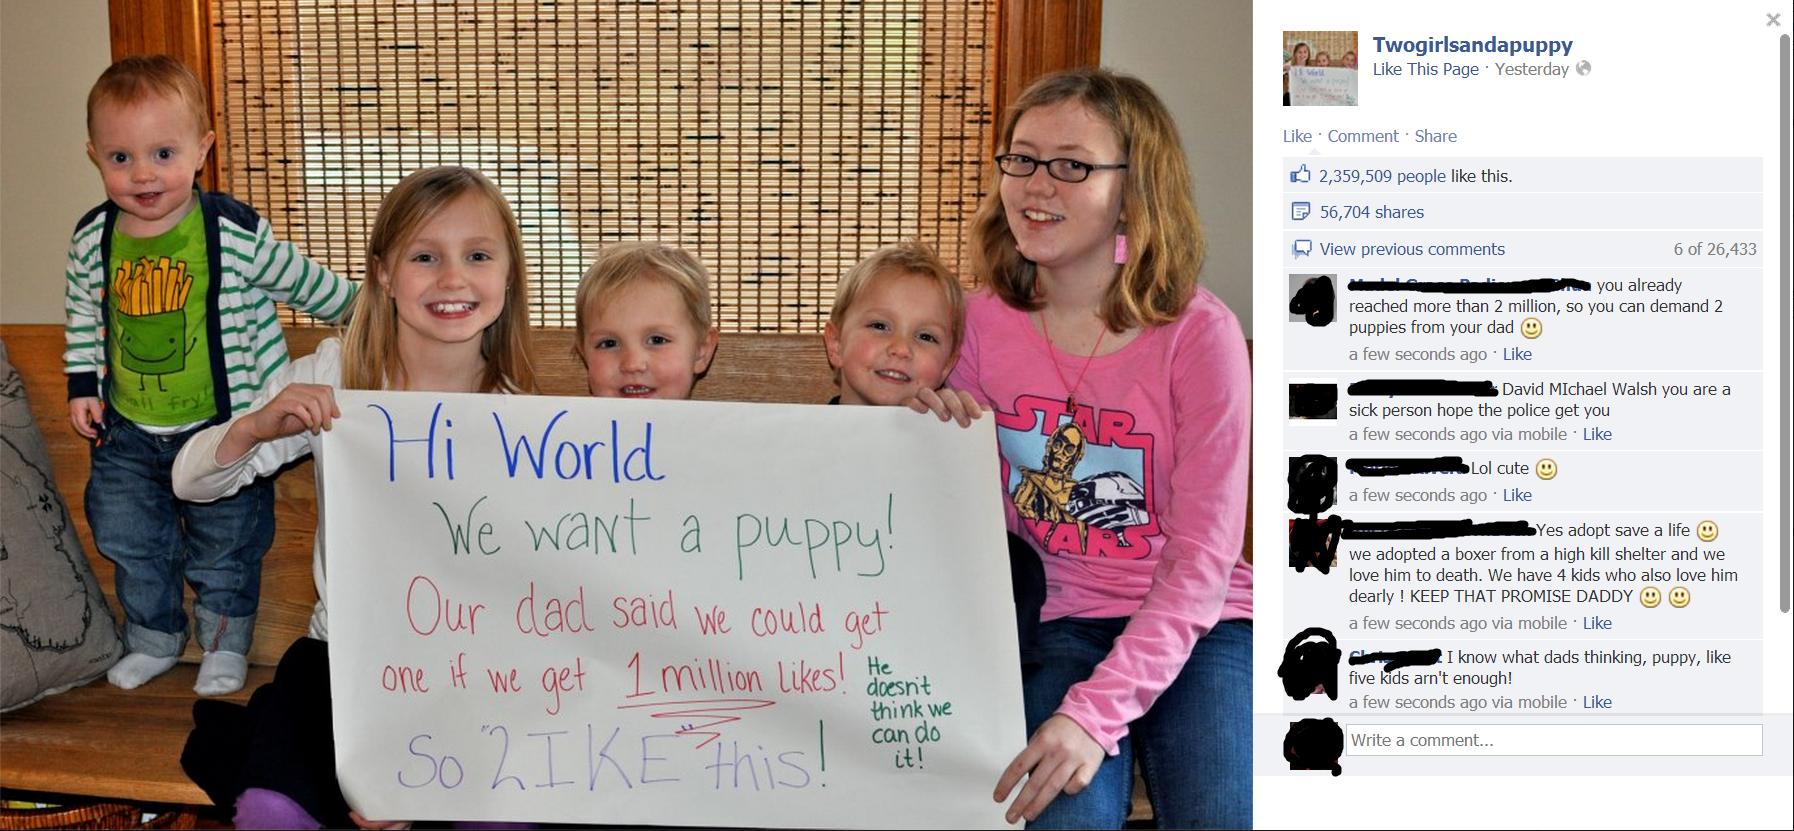 Puppy. What an asshole, just get your kids a damn puppy..